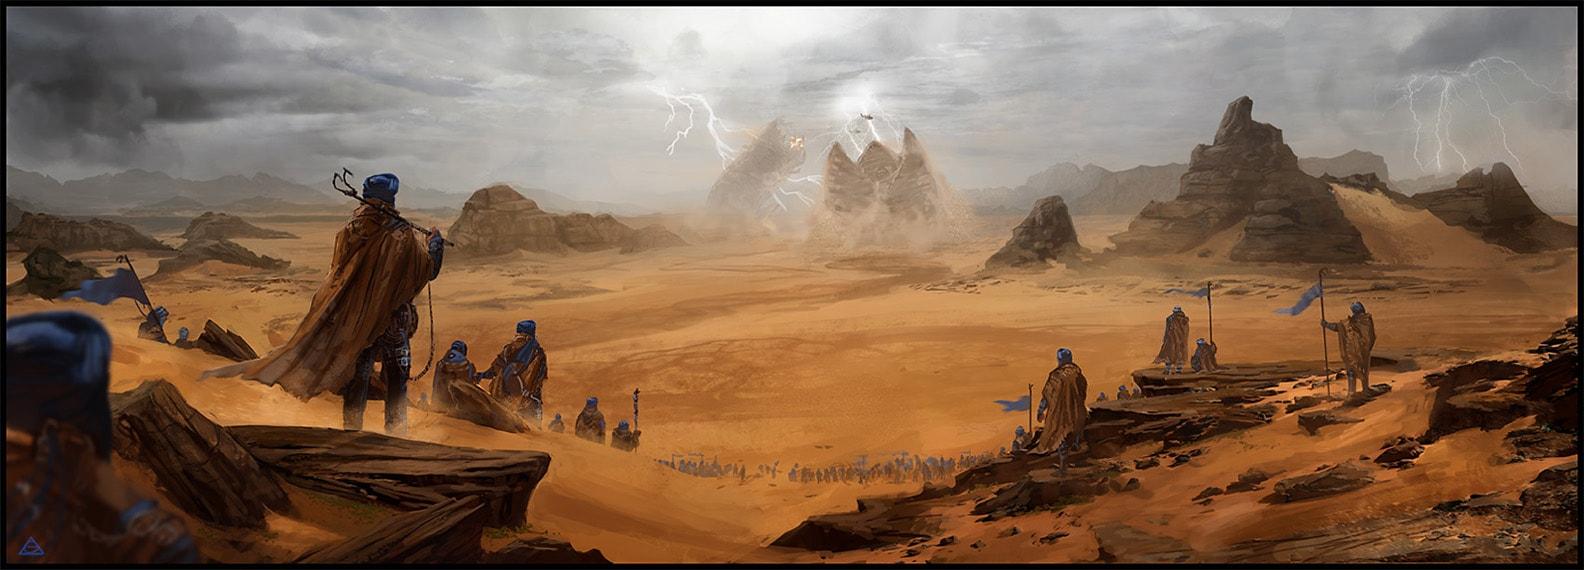 Resenha - Duna | Política, geopolítica, religião, guerra e muita areia (SEM SPOILERS!)